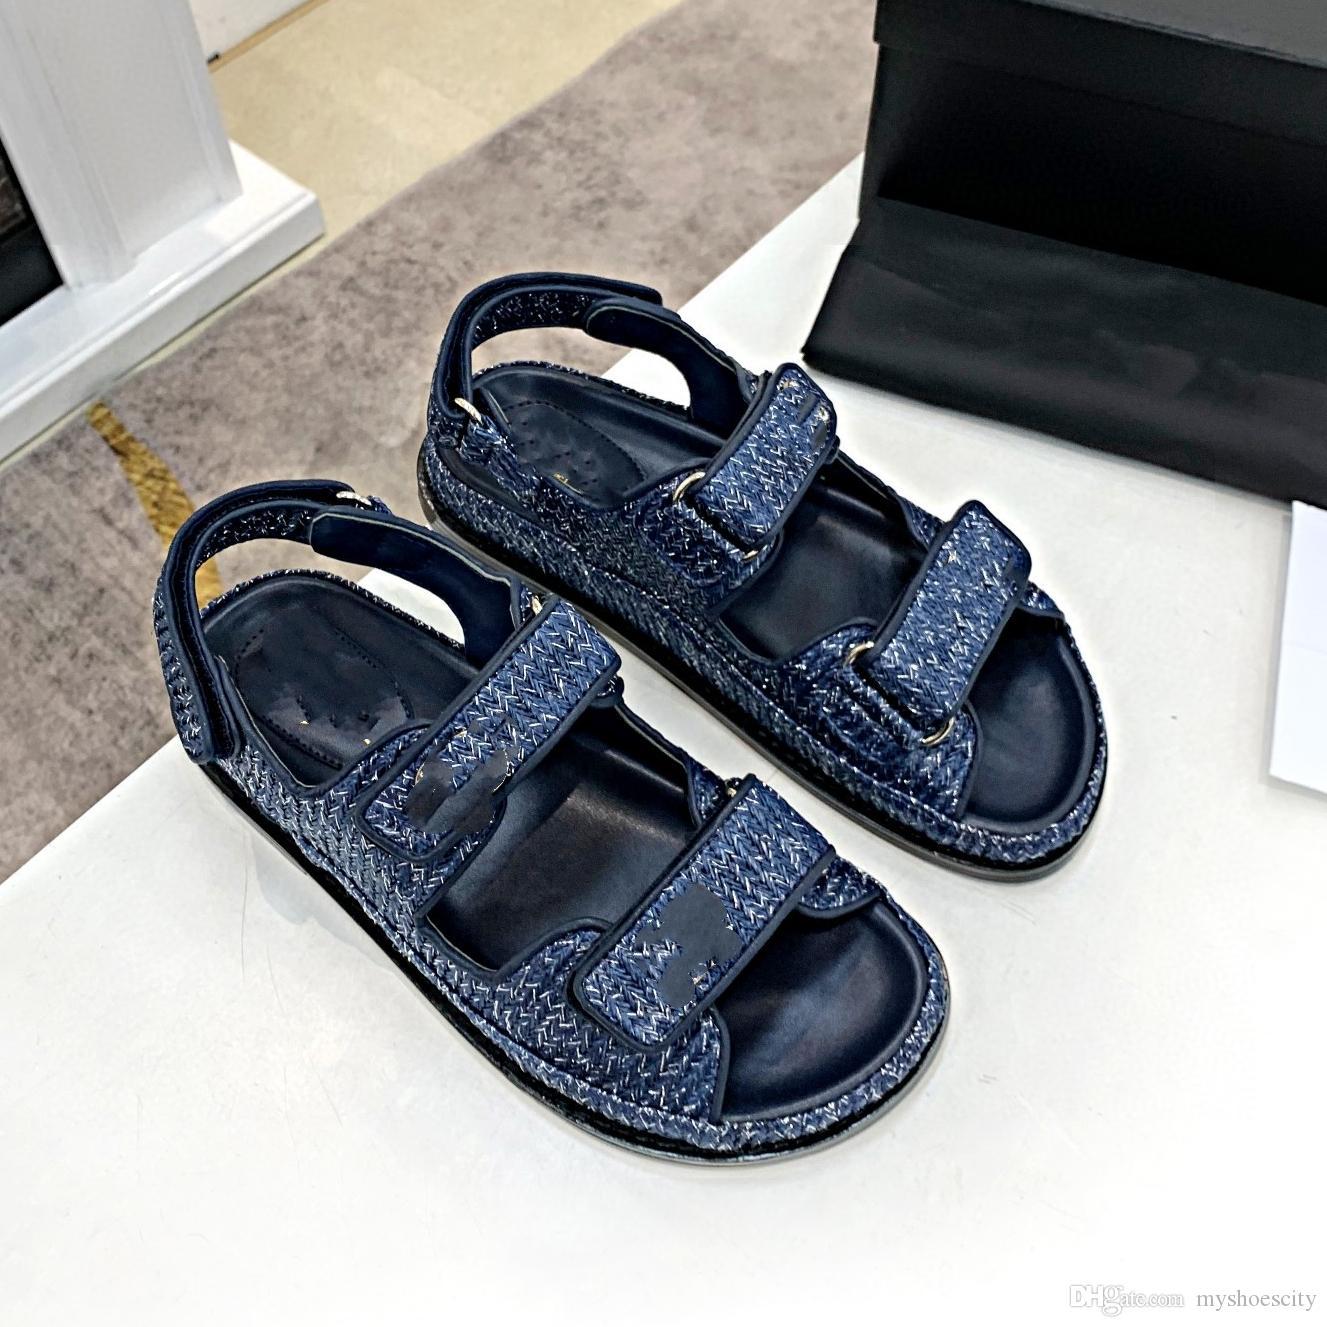 30 renkler sihirli sopa kapitone platform sandalet kristal üst deri ile lüks tasarımcı ayakkabı kadın boyutu 35 ila 41